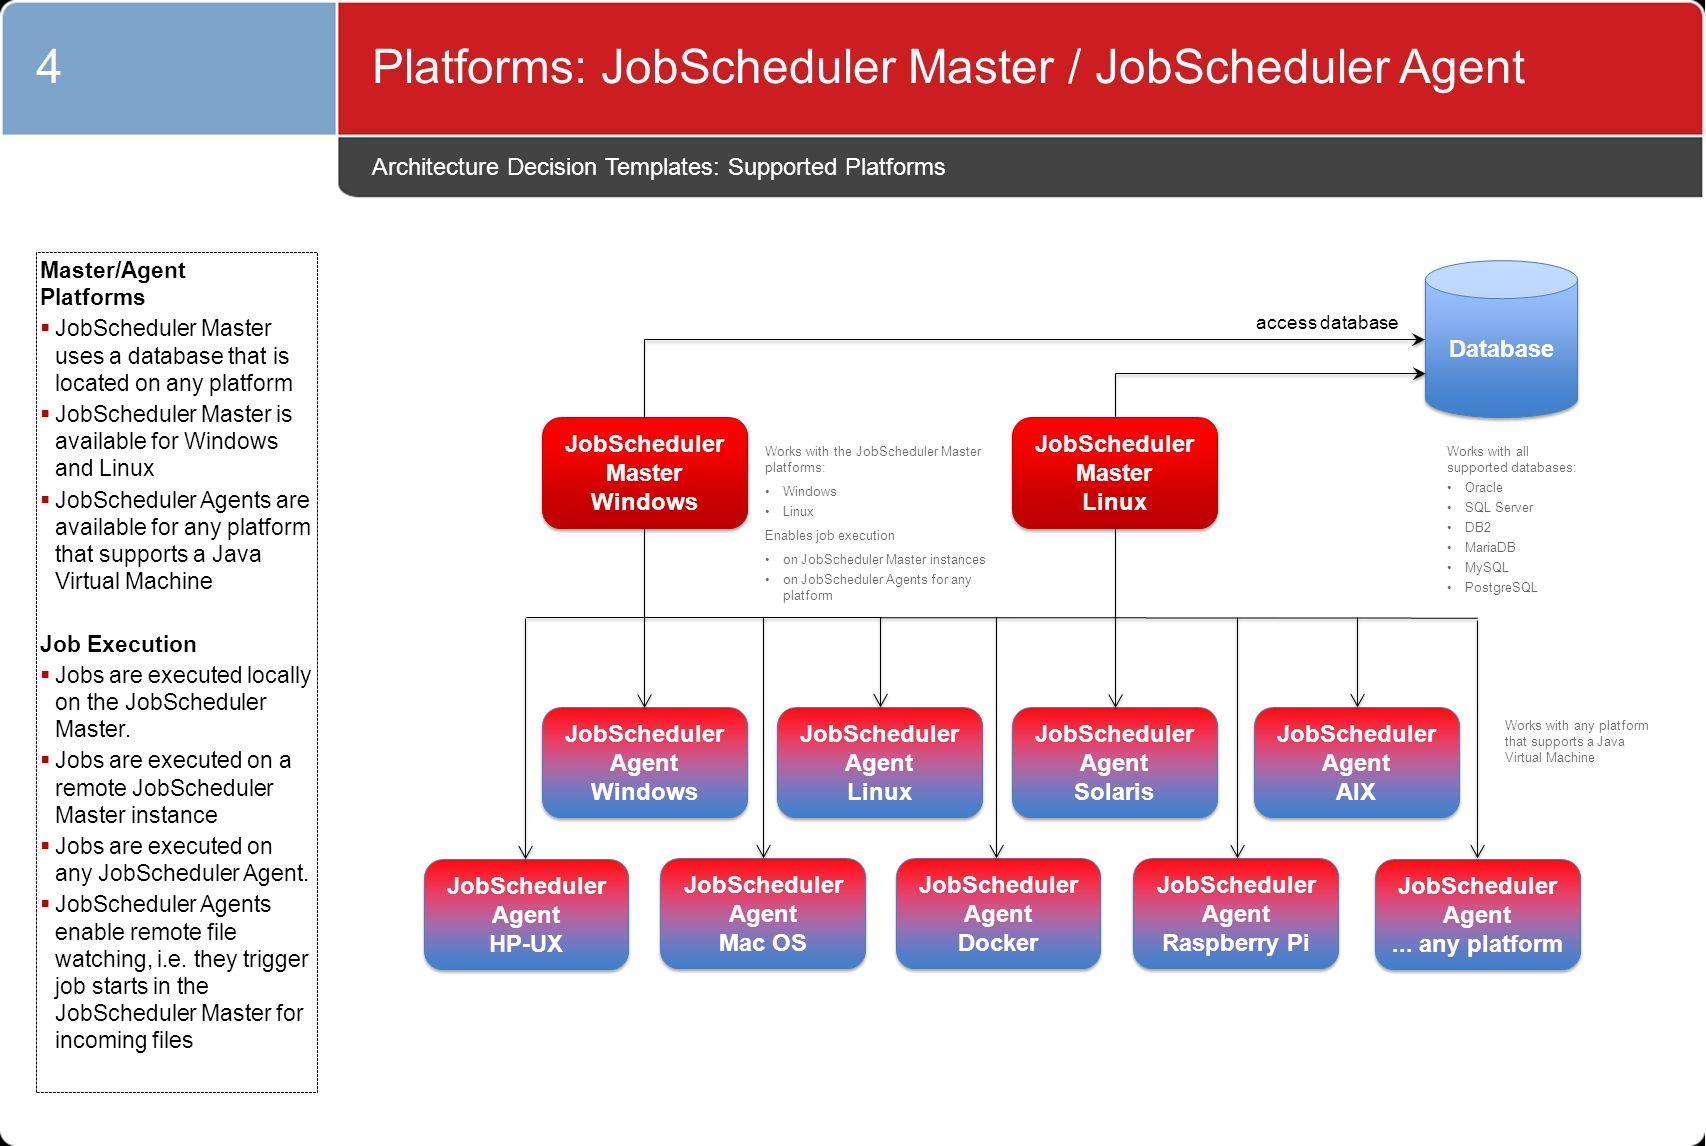 Consulting services jobscheduler architecture decision template architecture decision templates supported platforms platforms jobscheduler master jobscheduler agent masteragent toneelgroepblik Gallery